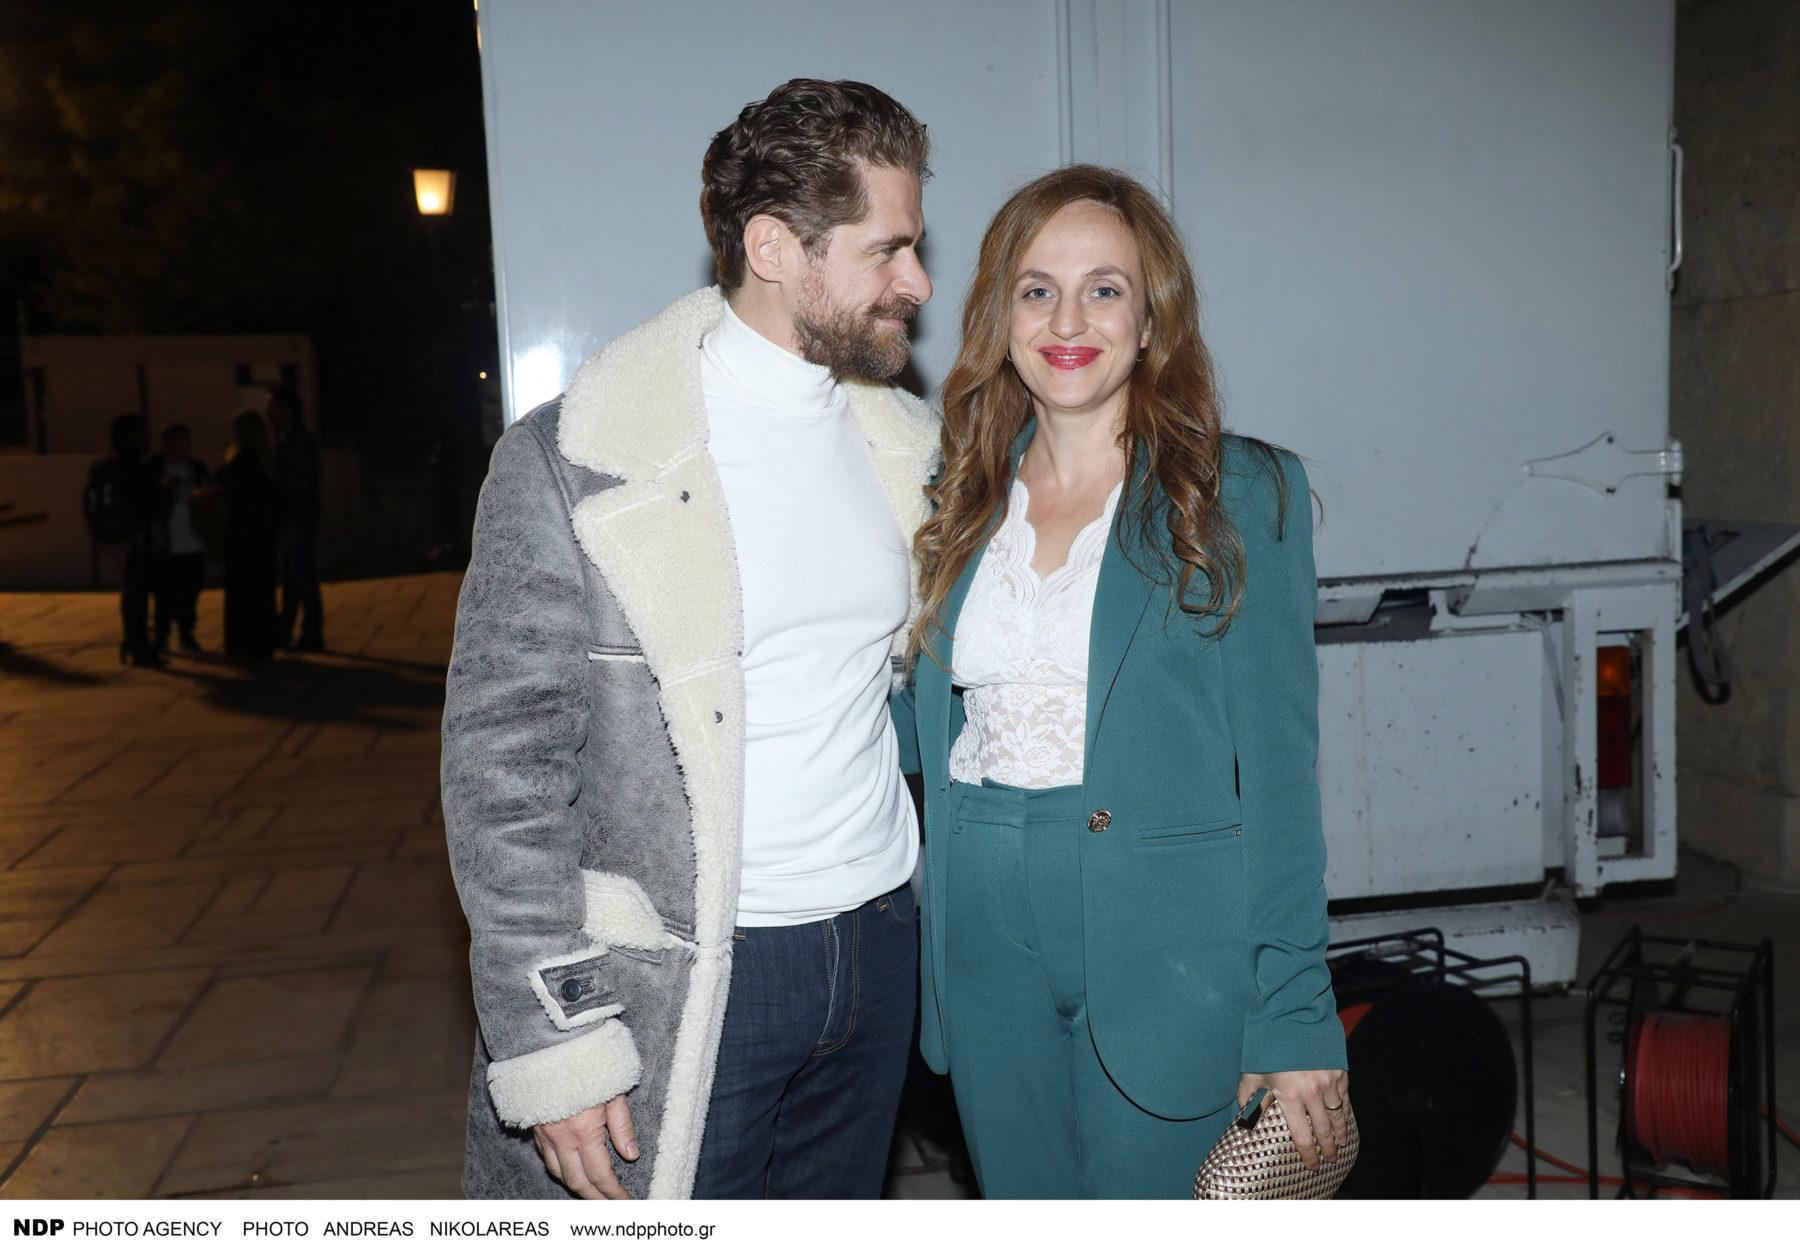 Σασμός: Βραδινή έξοδος για τον Δημήτρη Λάλο και την σύζυγό του στο Ηρώδειο [φωτογραφίες]